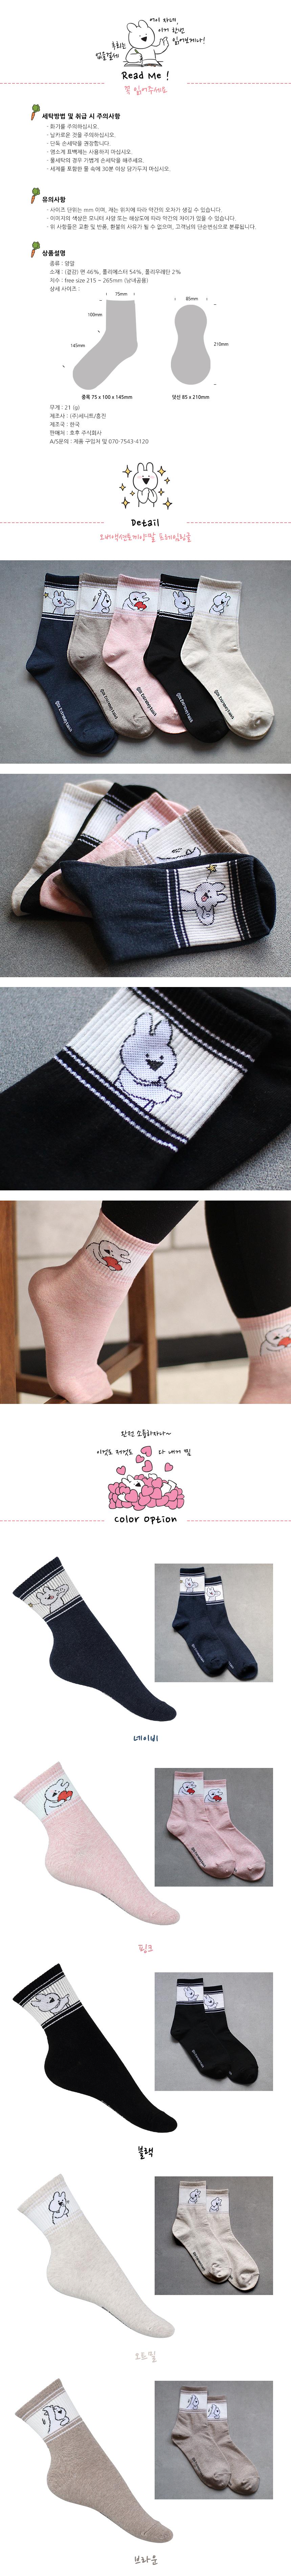 오버액션토끼 양말 여자 남자 프레임링글 중목 - 오버액션토끼, 1,900원, 여성양말, 패션양말